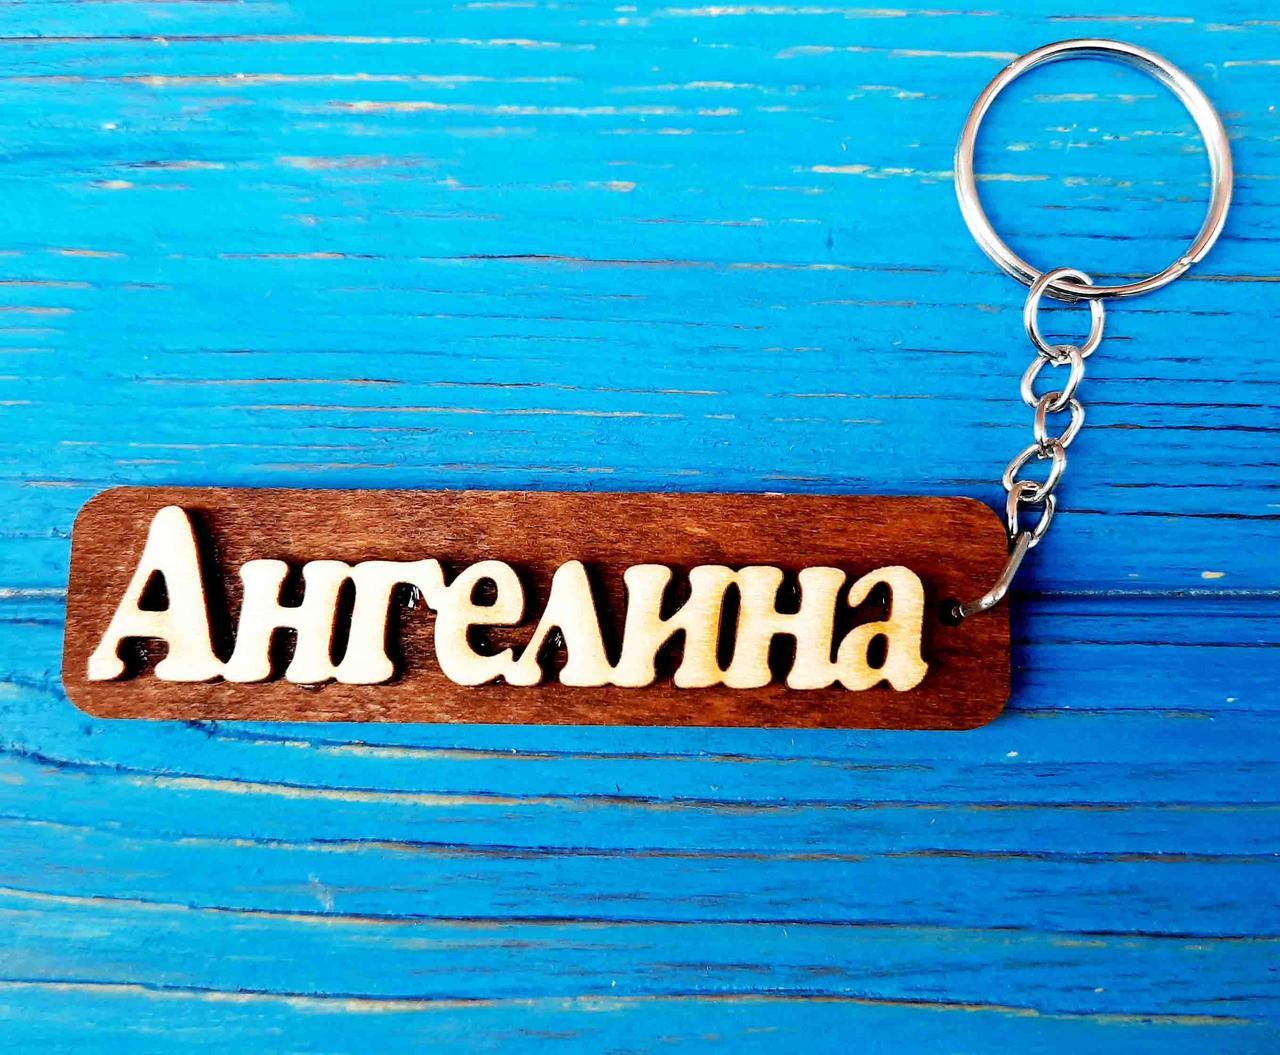 Брелок именной Ангелина. Брелок с именем Ангелина. Брелок деревянный. Брелок для ключей. Брелоки с именами